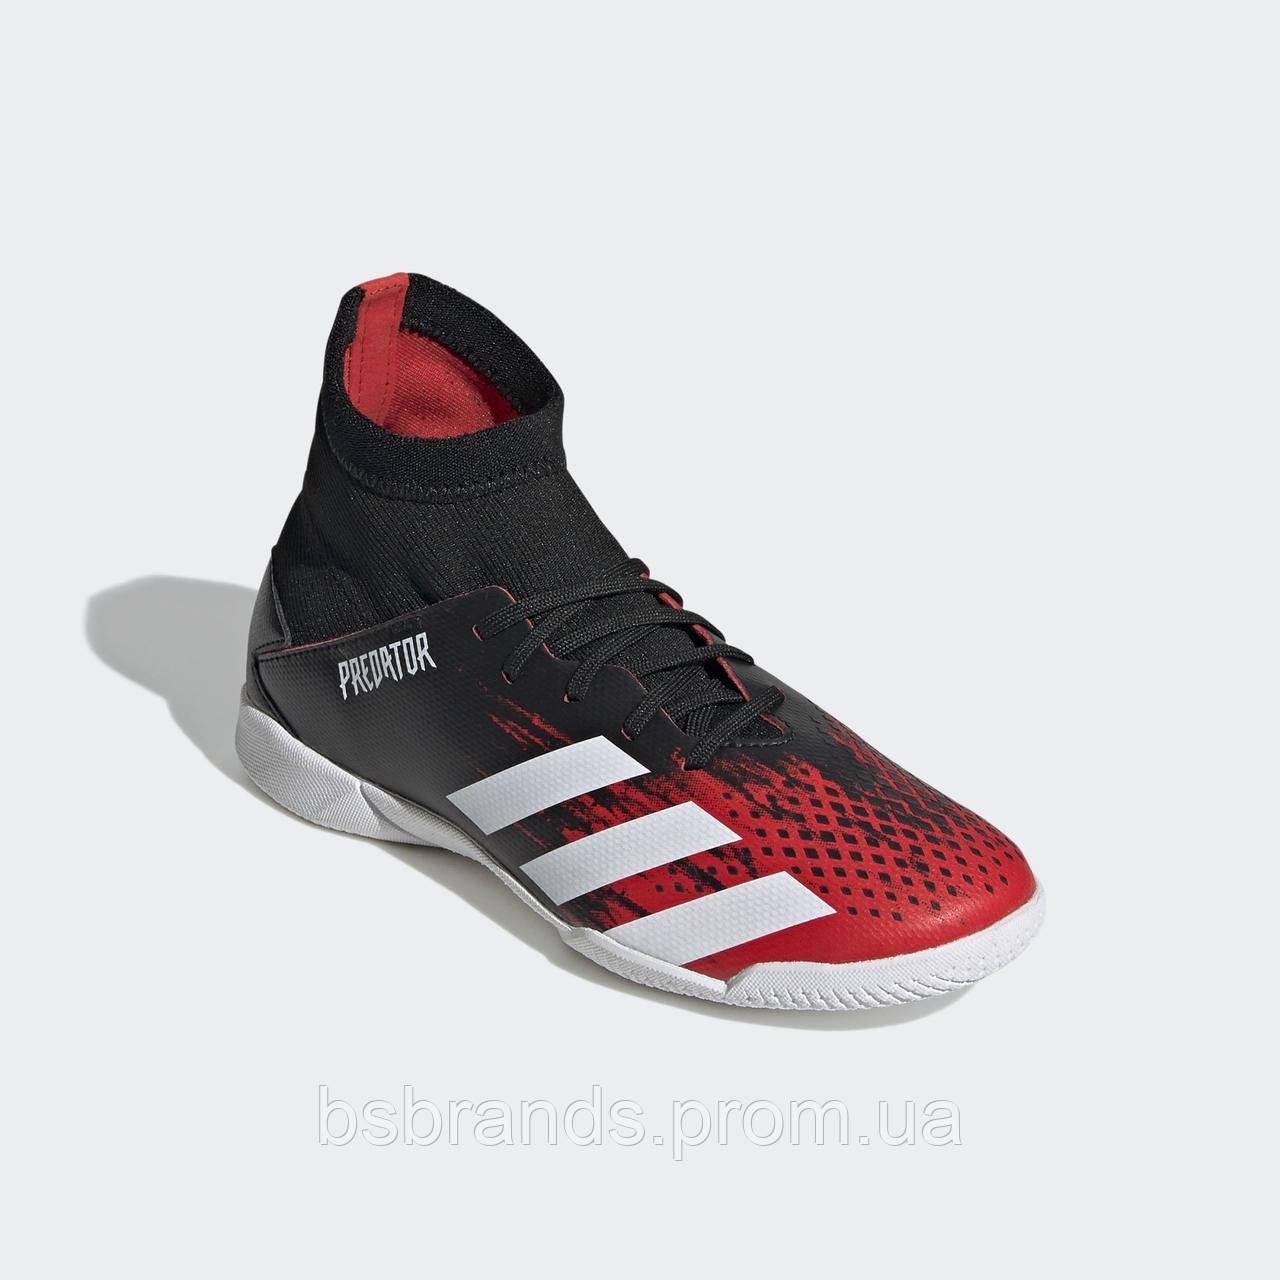 Детские футбольные бутсы (футзалки) adidas Predator 20.3 IN EF1954 (2020/1)